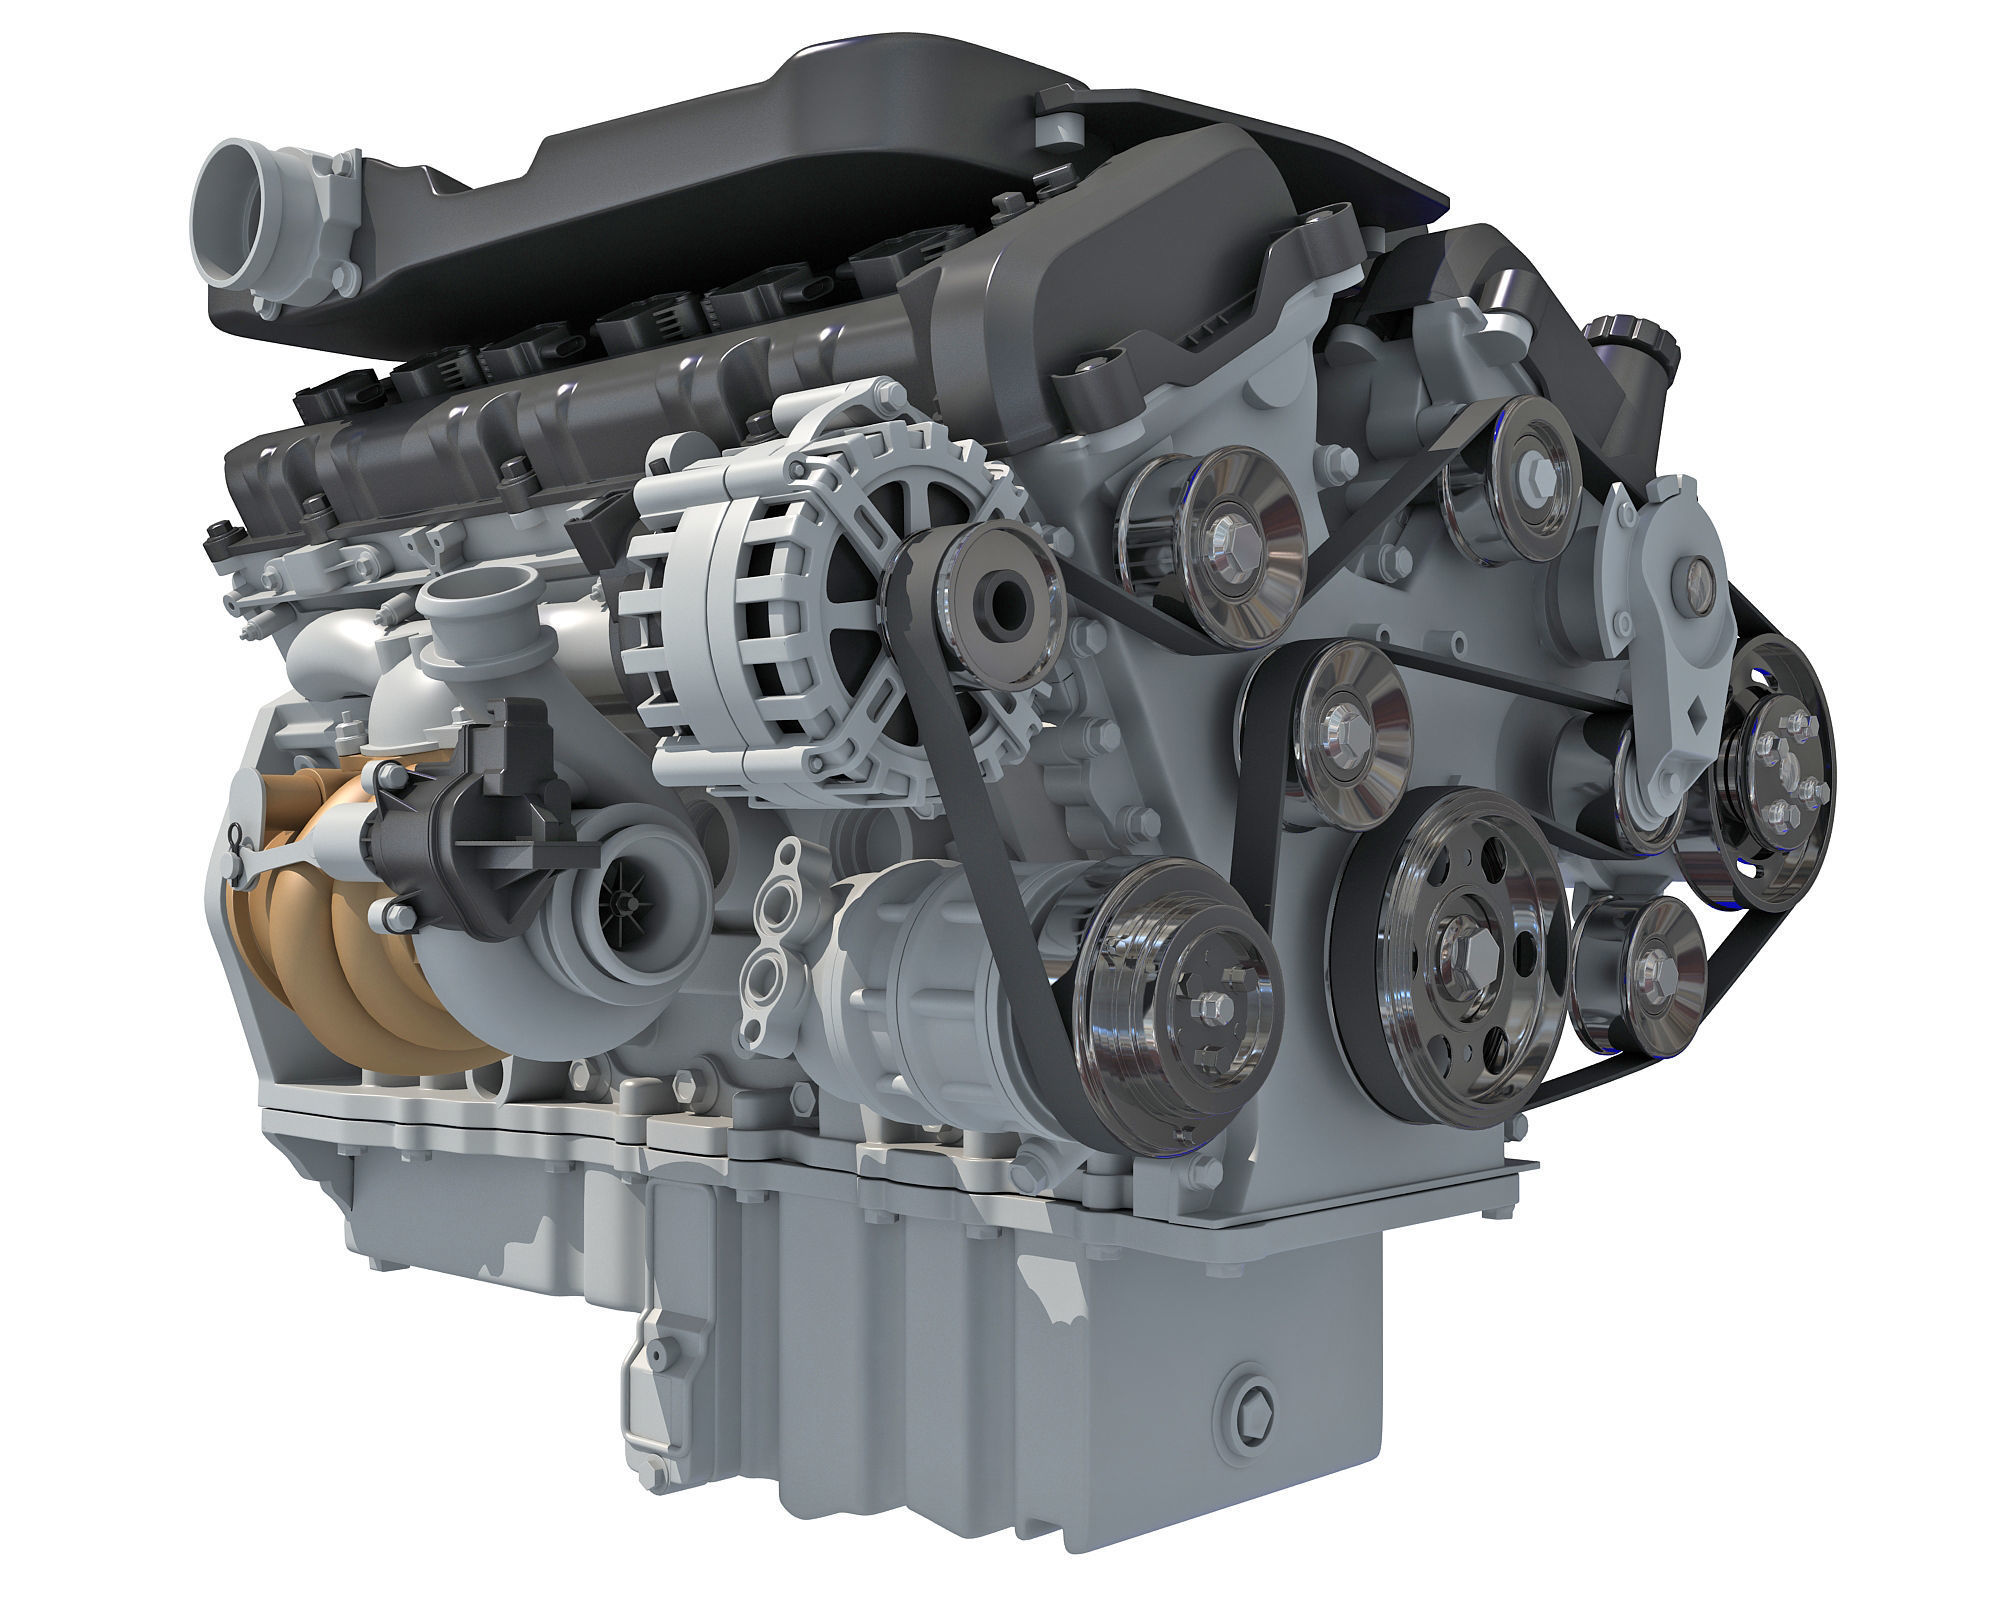 British V12 Engine